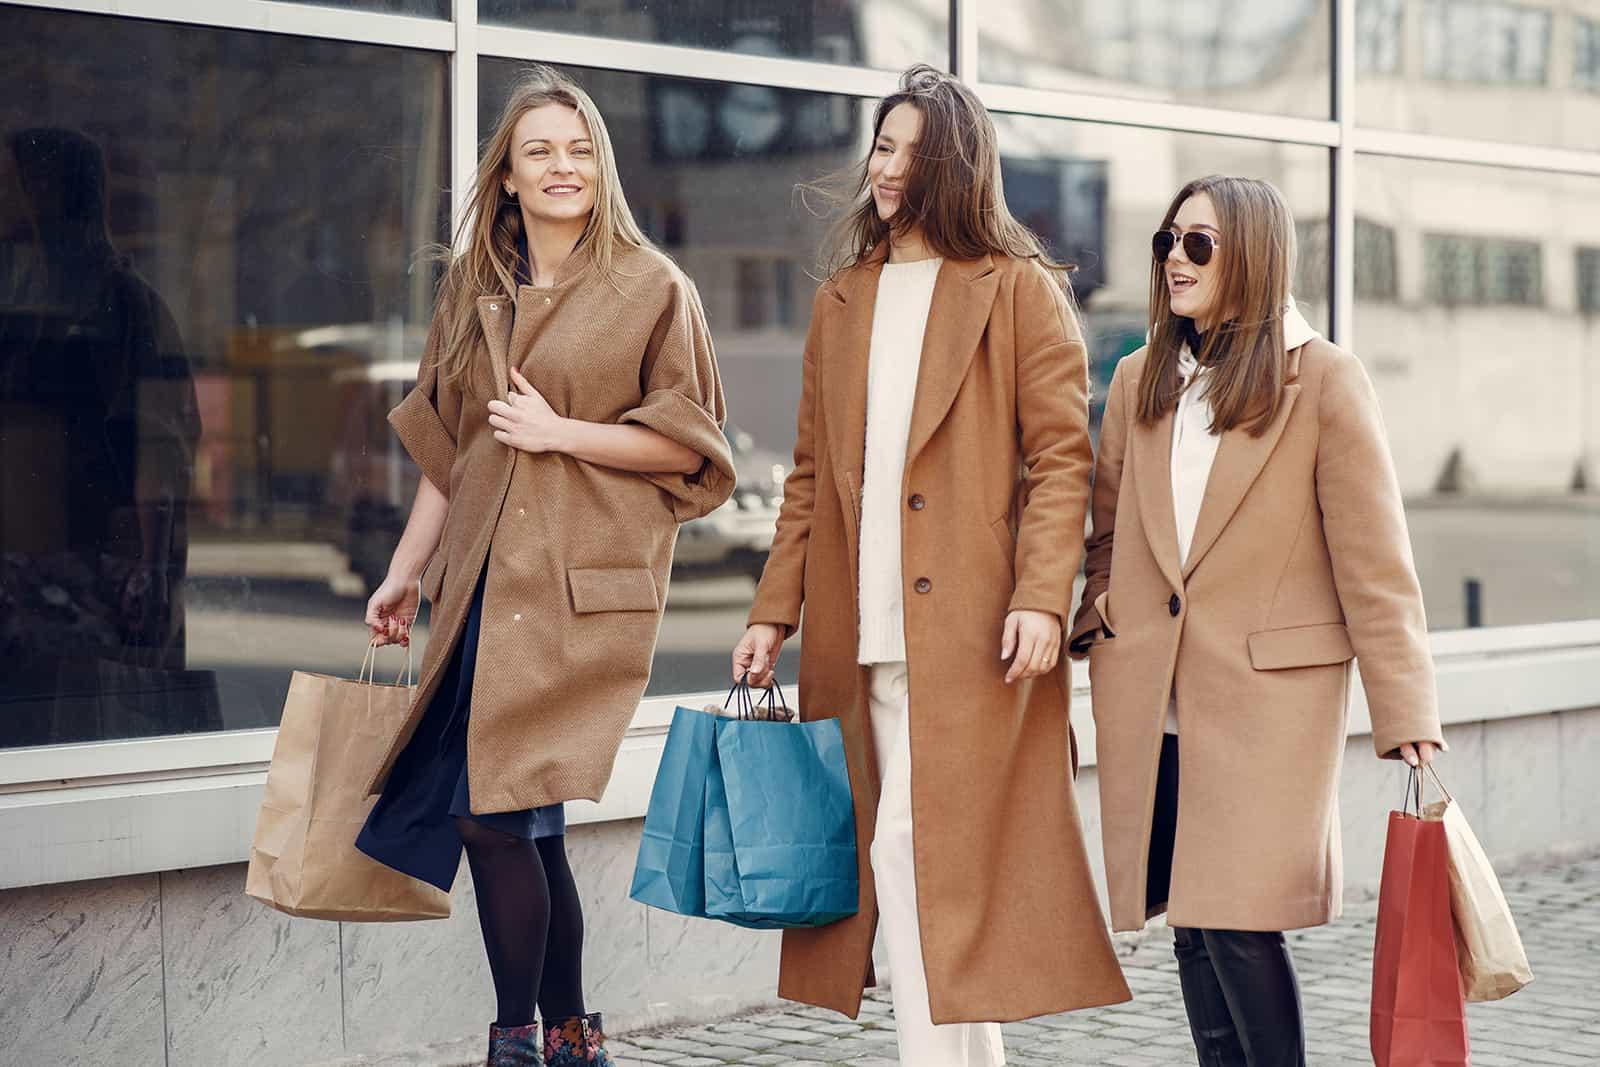 drei Freundinnen, die Einkaufstaschen halten, während sie auf dem Bürgersteig gehen